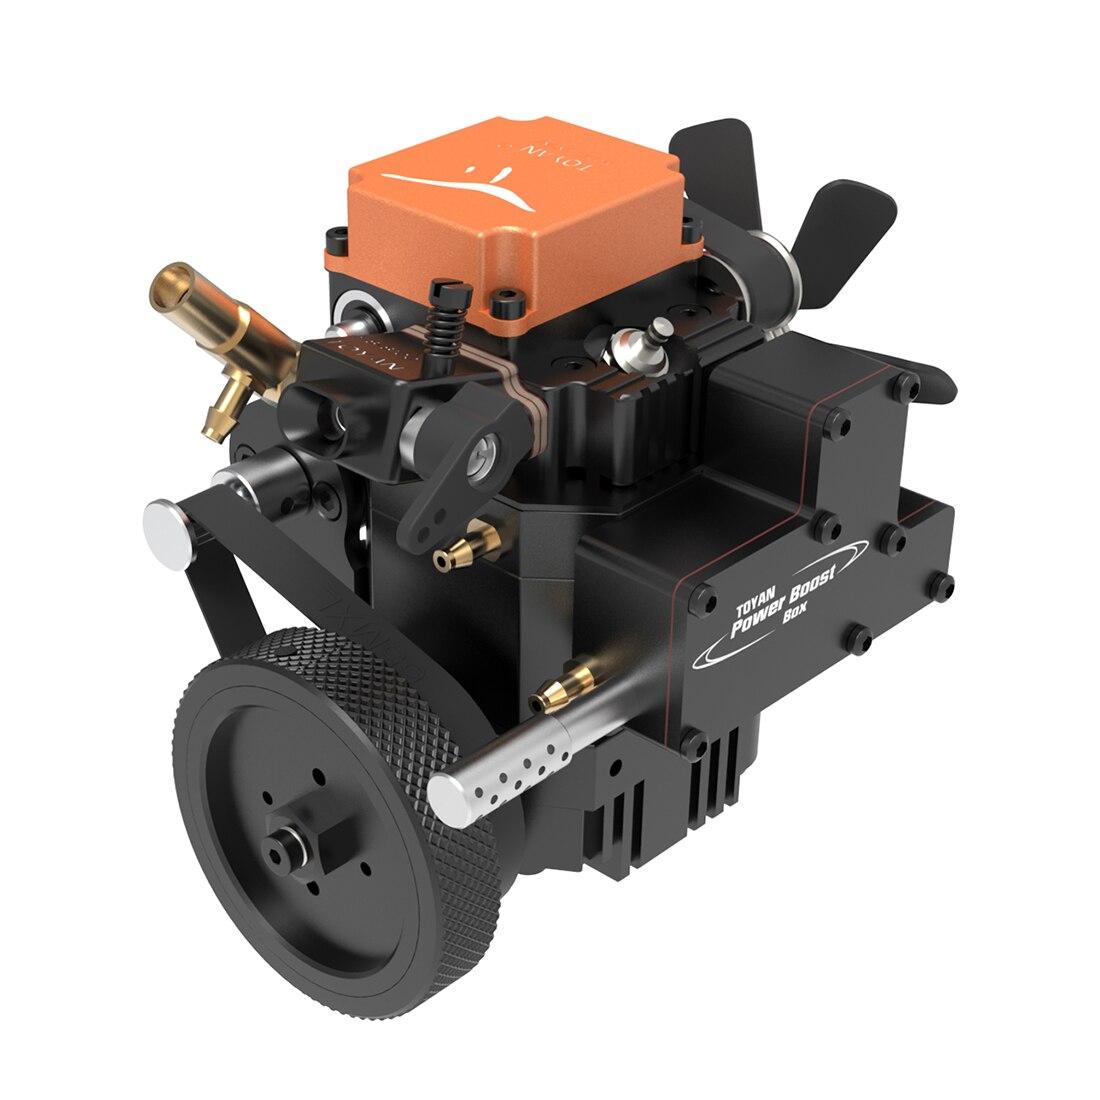 Toyan FS S100WA1 одноцилиндровый 4 тактный механический двигатель метанол модель с водяным охлаждением насос канал для 1:1 автомобилей или кораблей